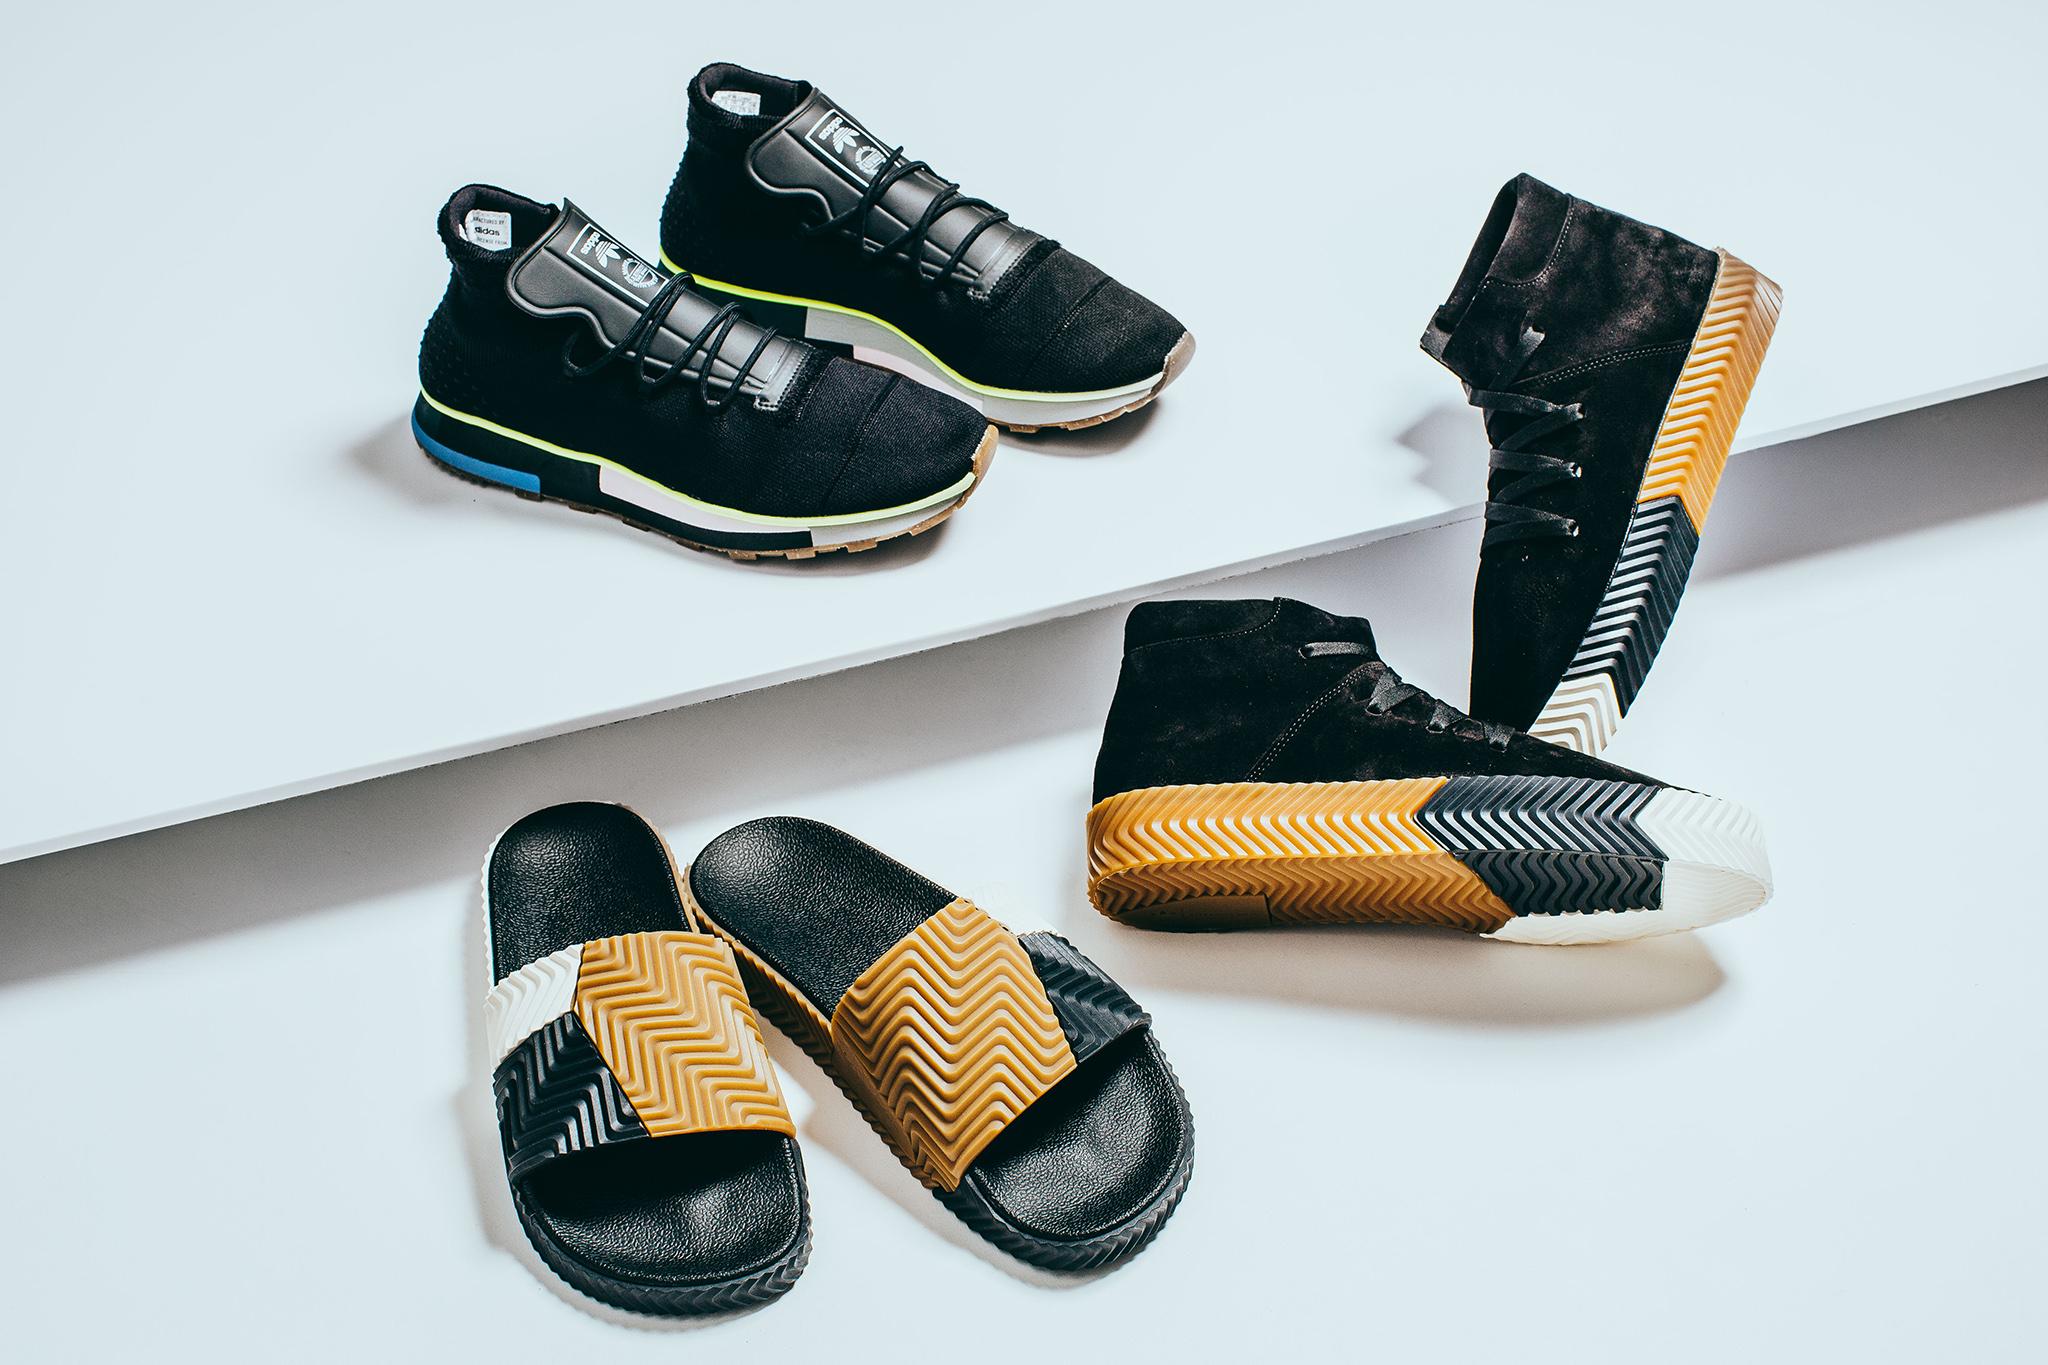 新品上市!adidas Originals by ALEXANDER WANG FW17 FOOTWEAR COLLECTION